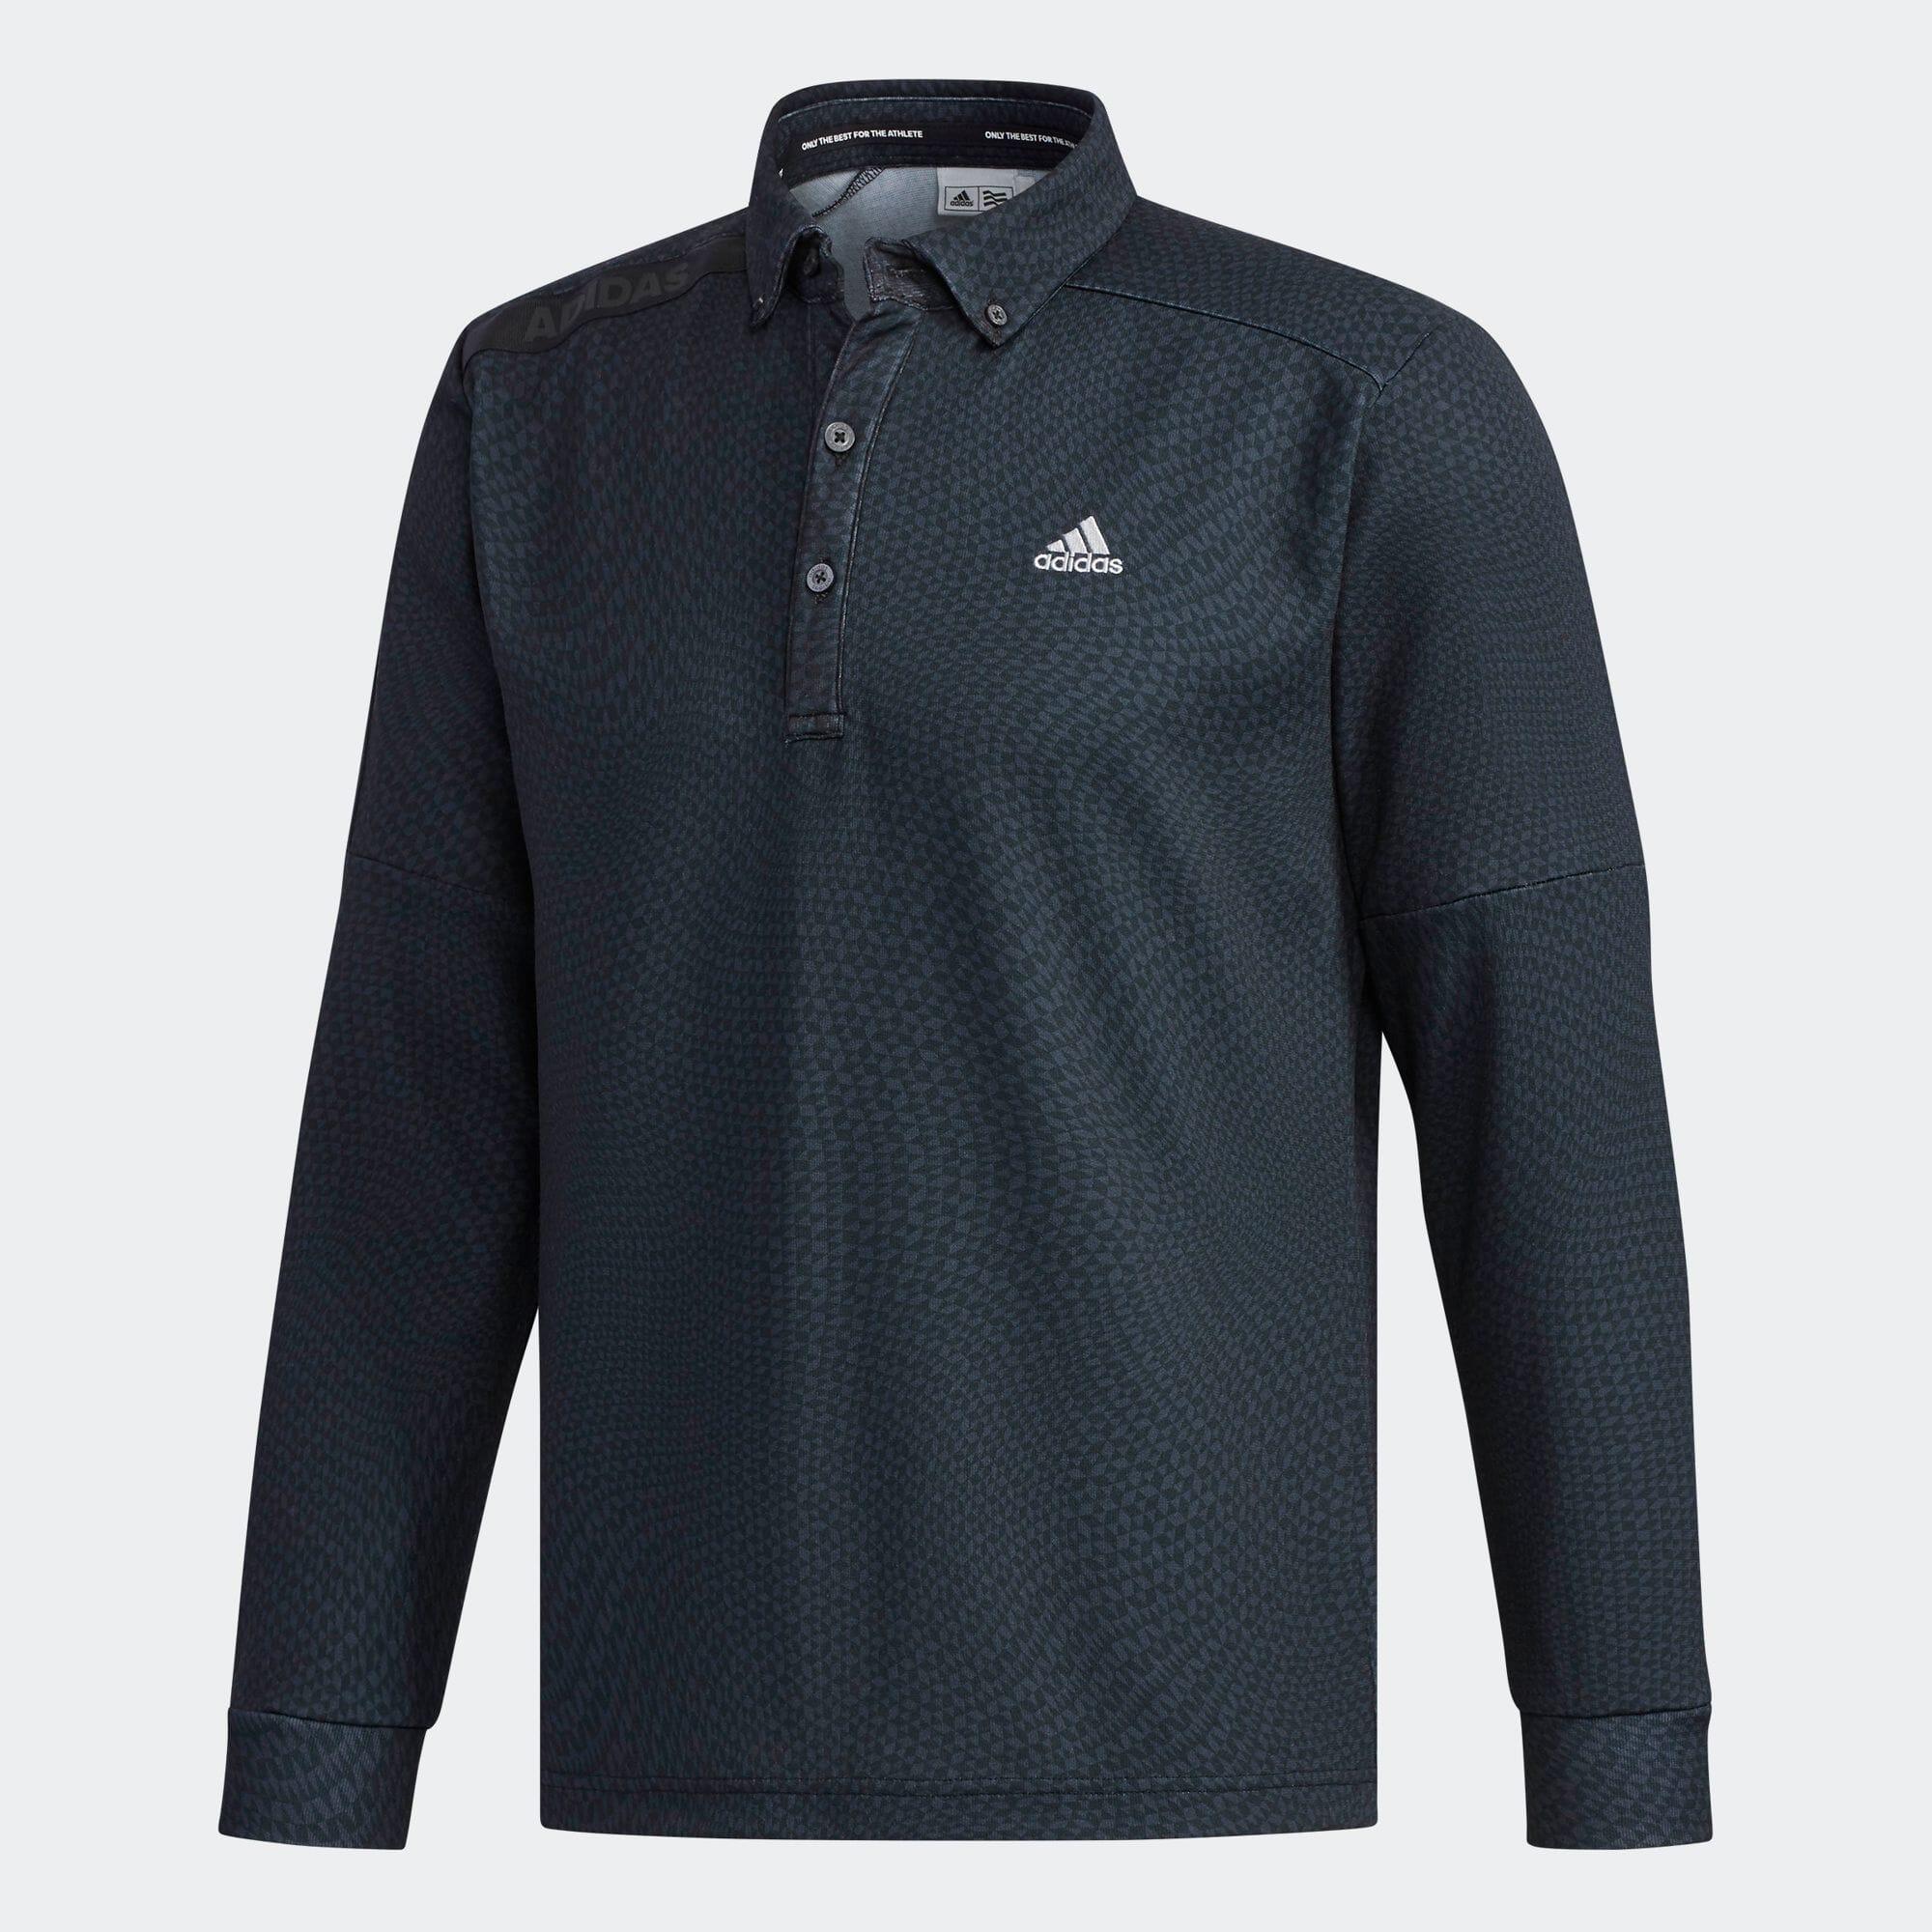 CP ジオメトリックプリント  ボタンダウンシャツ 【ゴルフ】